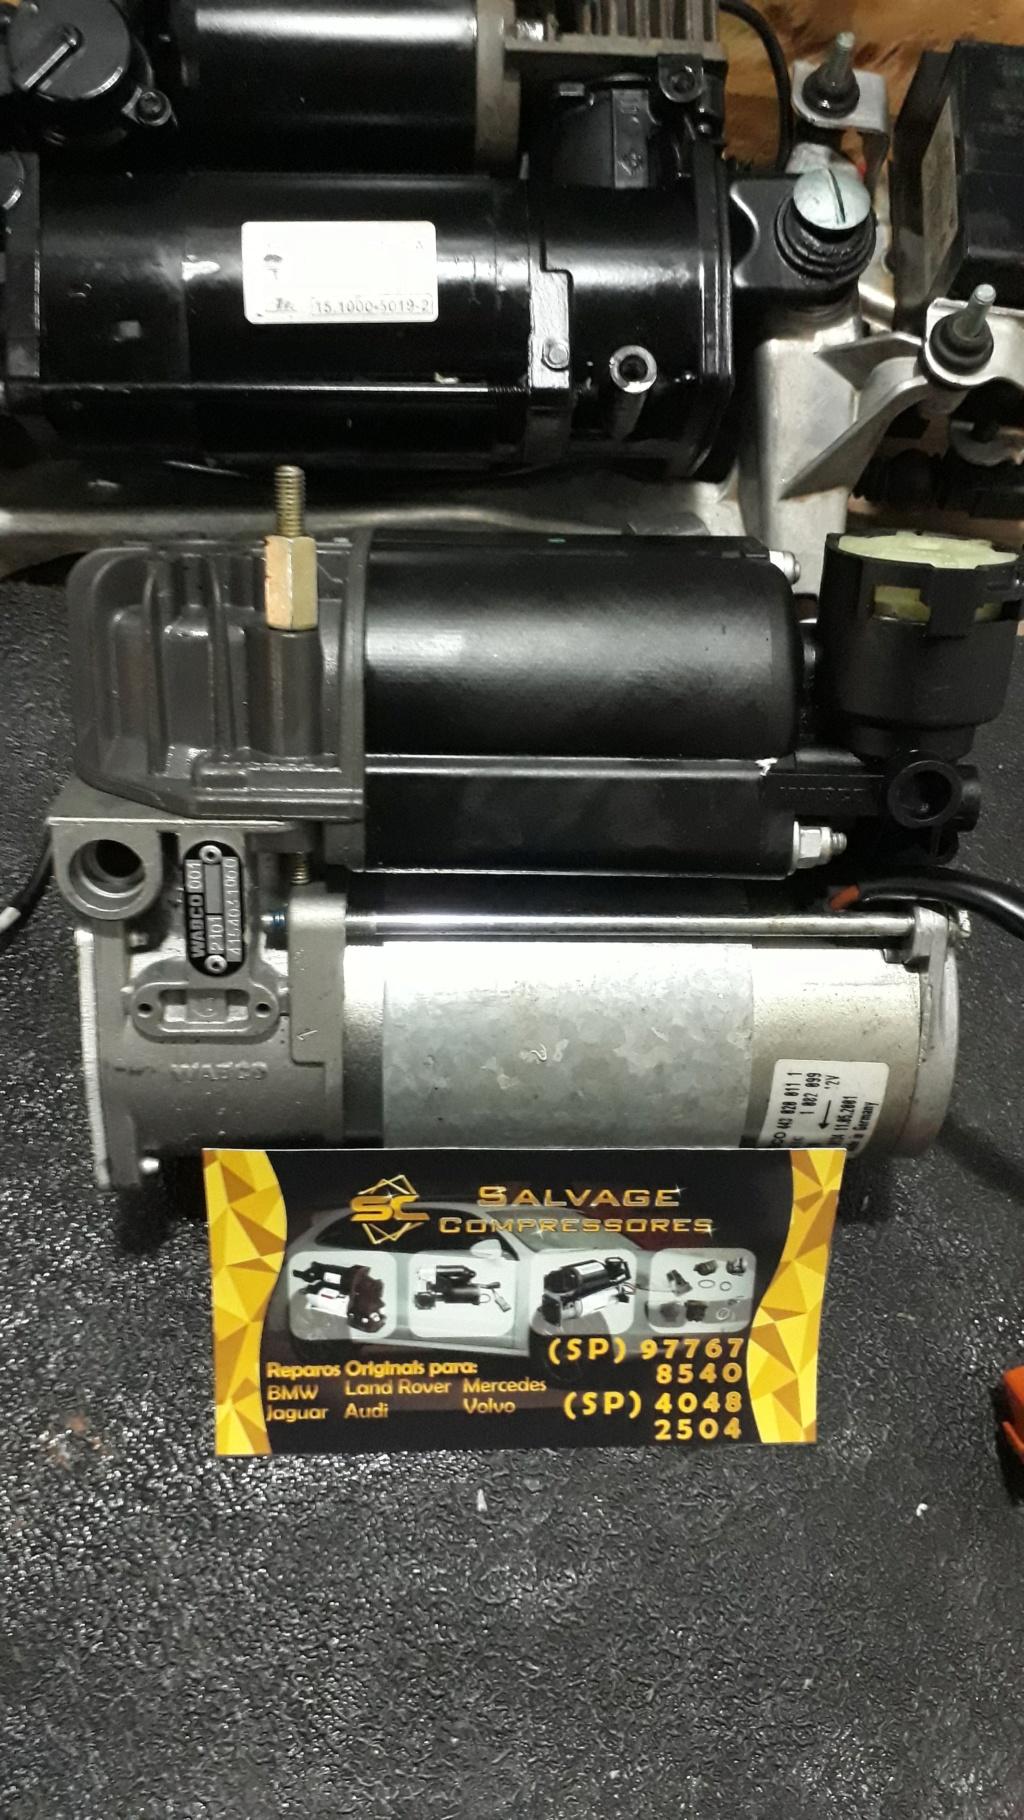 SALVAGE Compressores e bolsas do sistema airmatic remanufaturadas com padrão original Bmw_x510